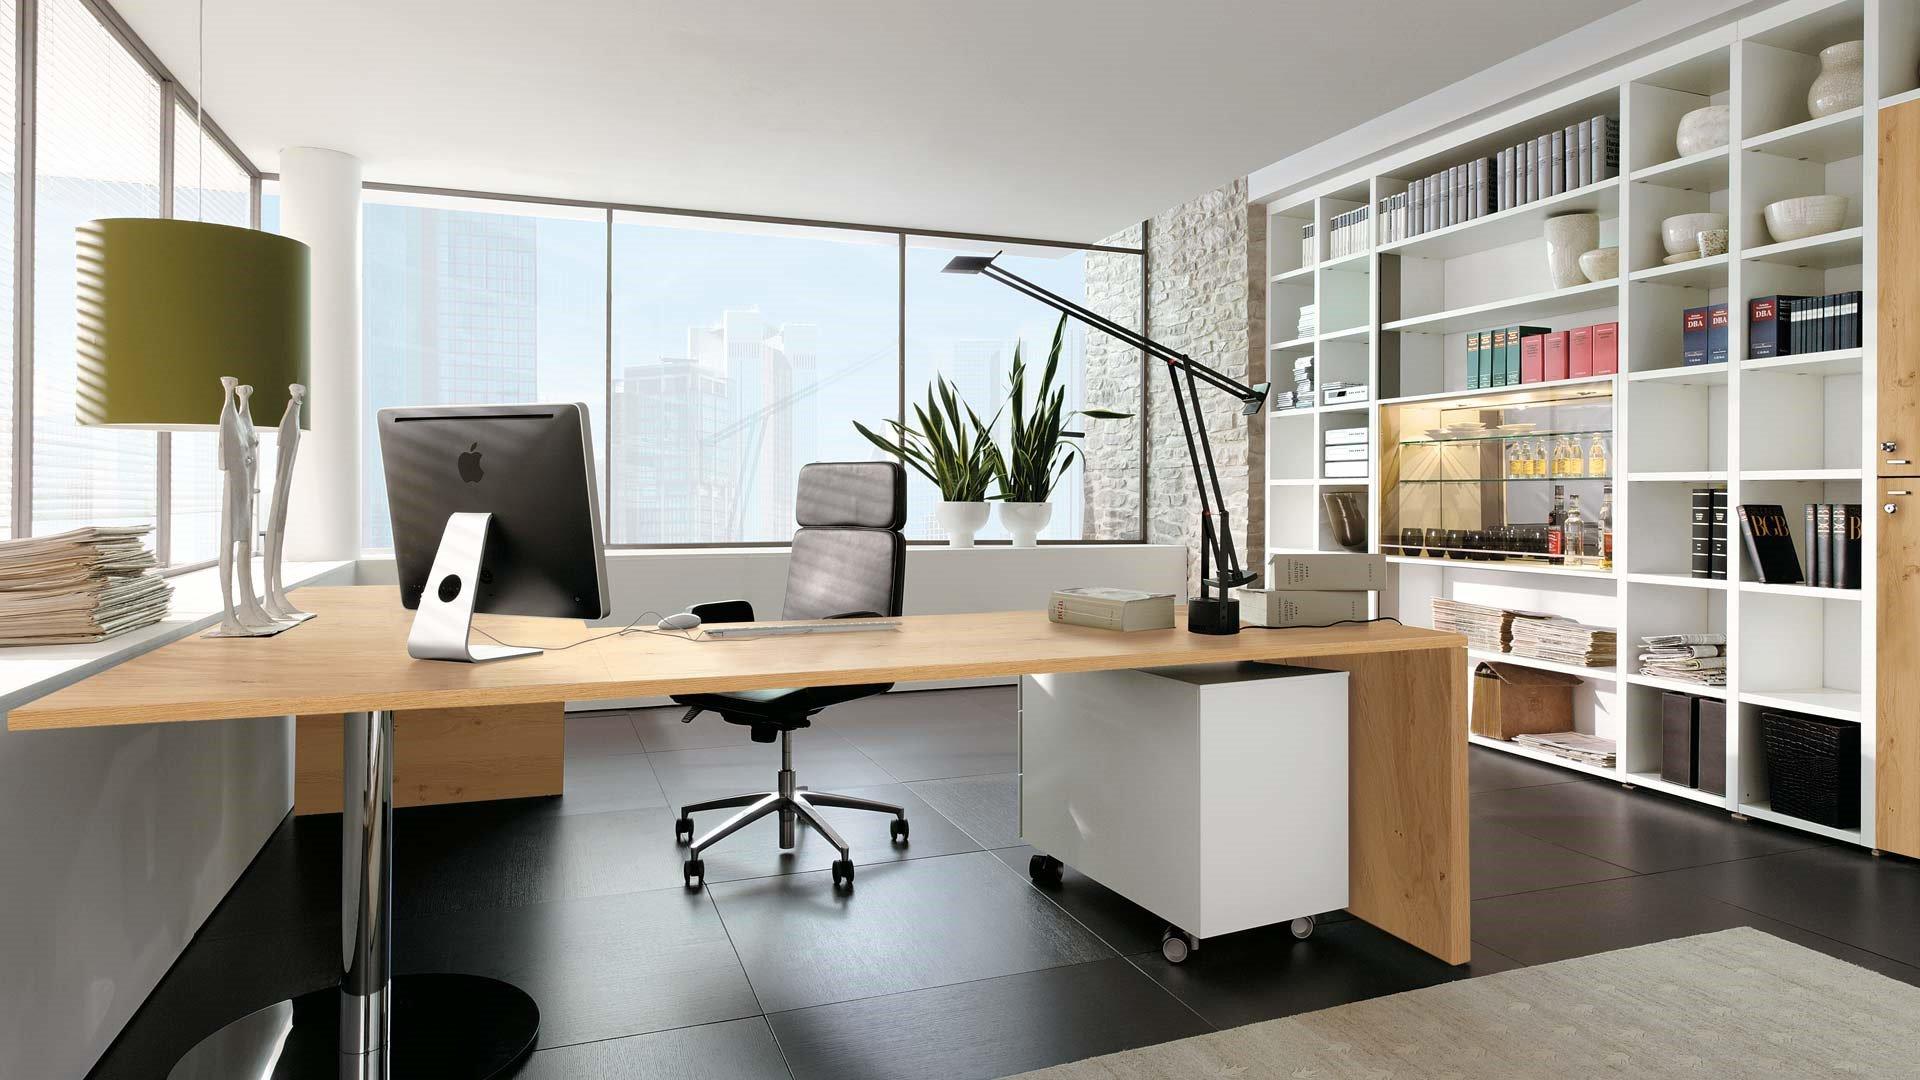 Аренда офисов под ключ швейцария недвижимость коммерческая